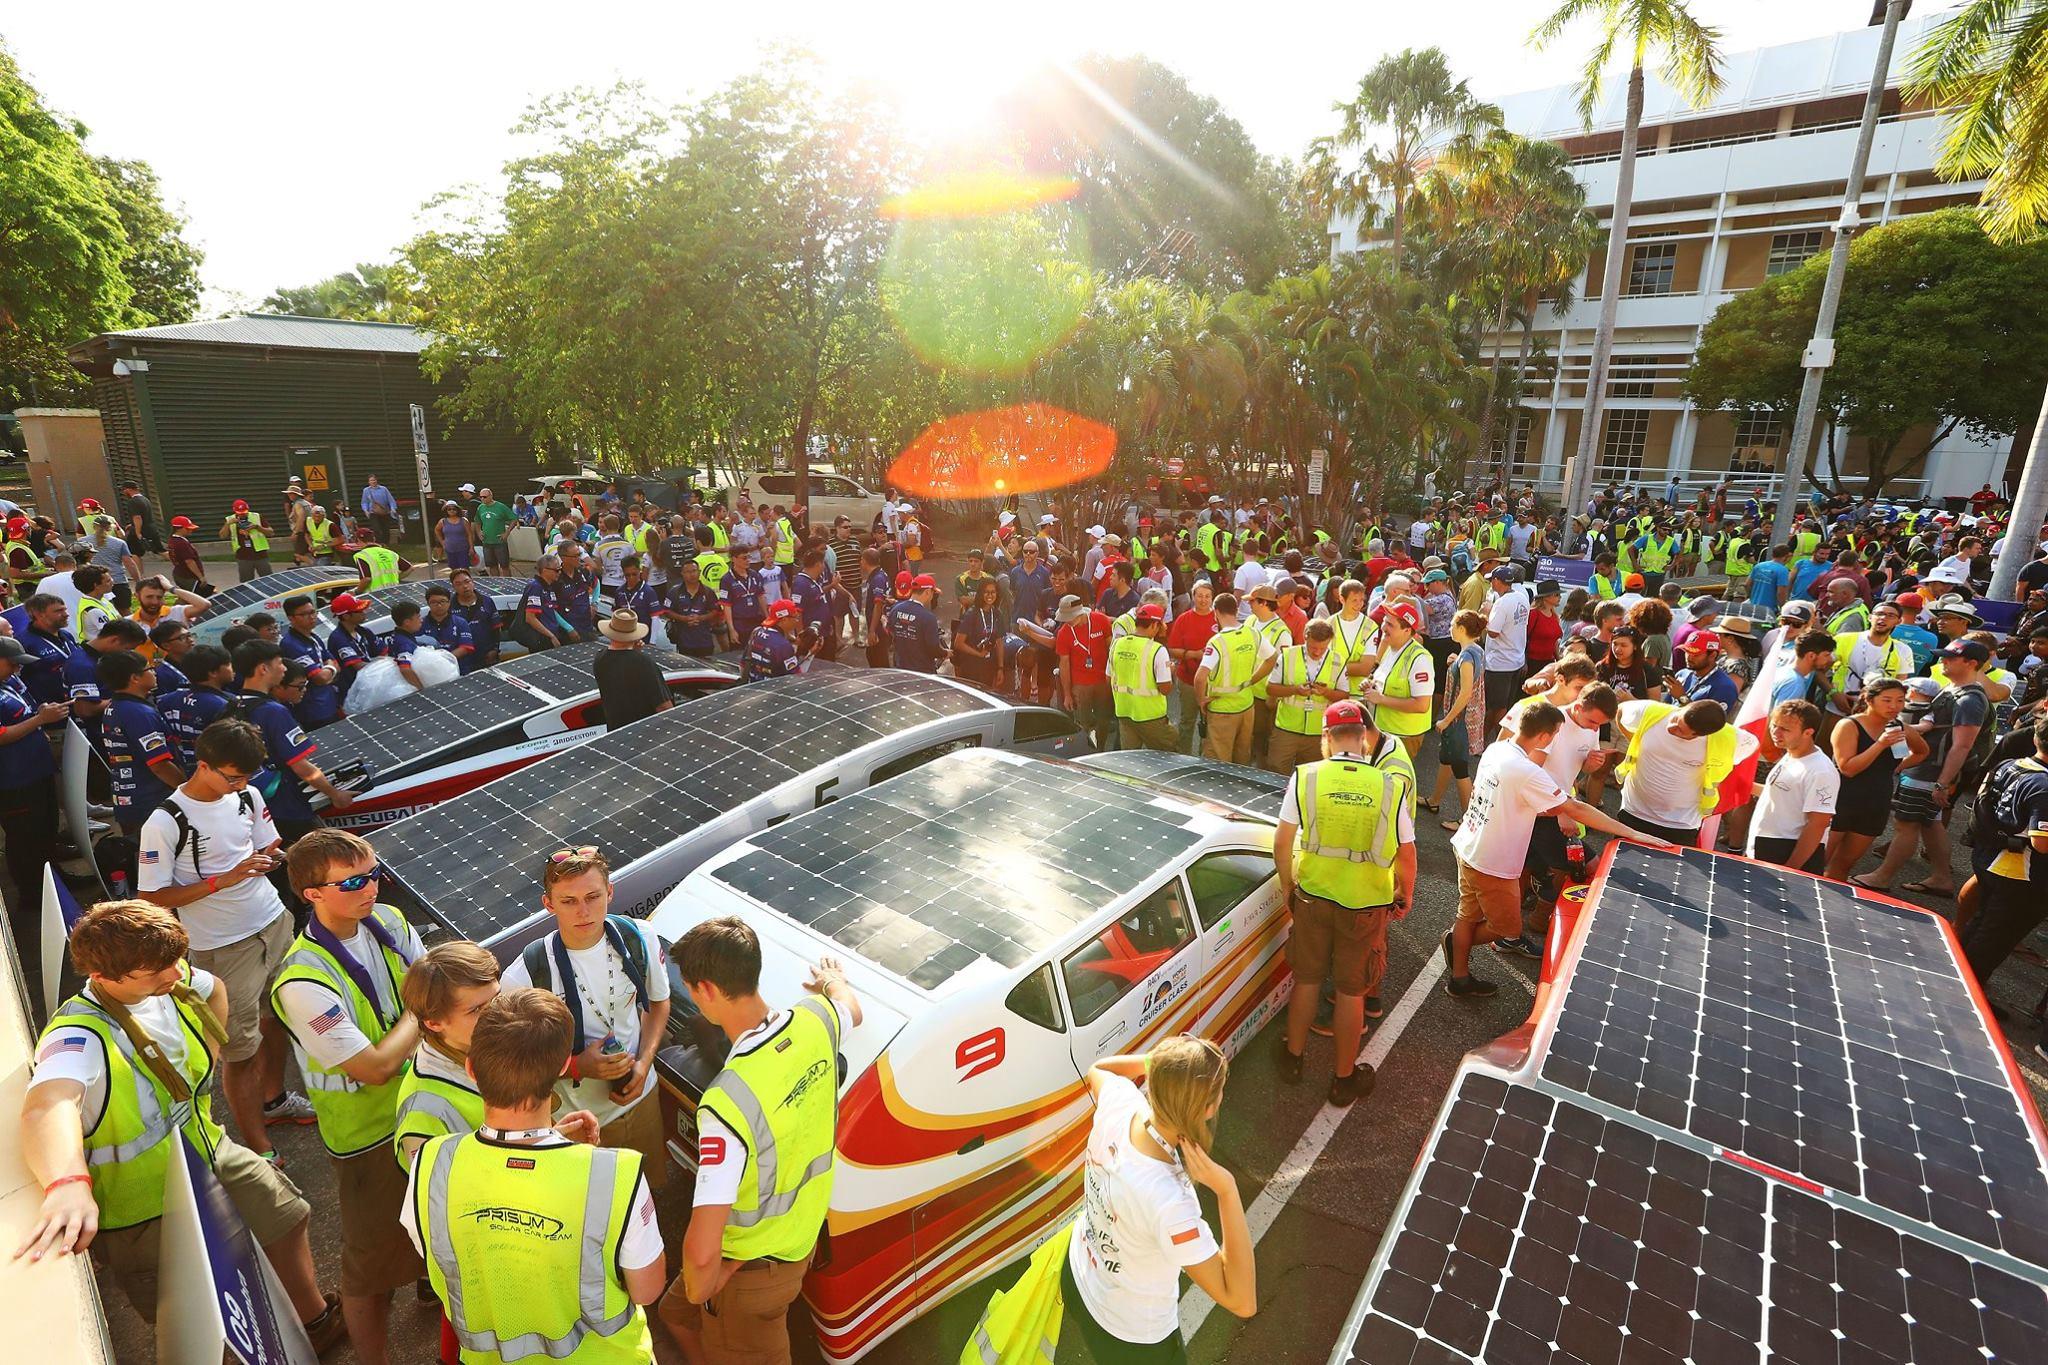 В Австралии началась гонка машин на солнечной тяге - 1